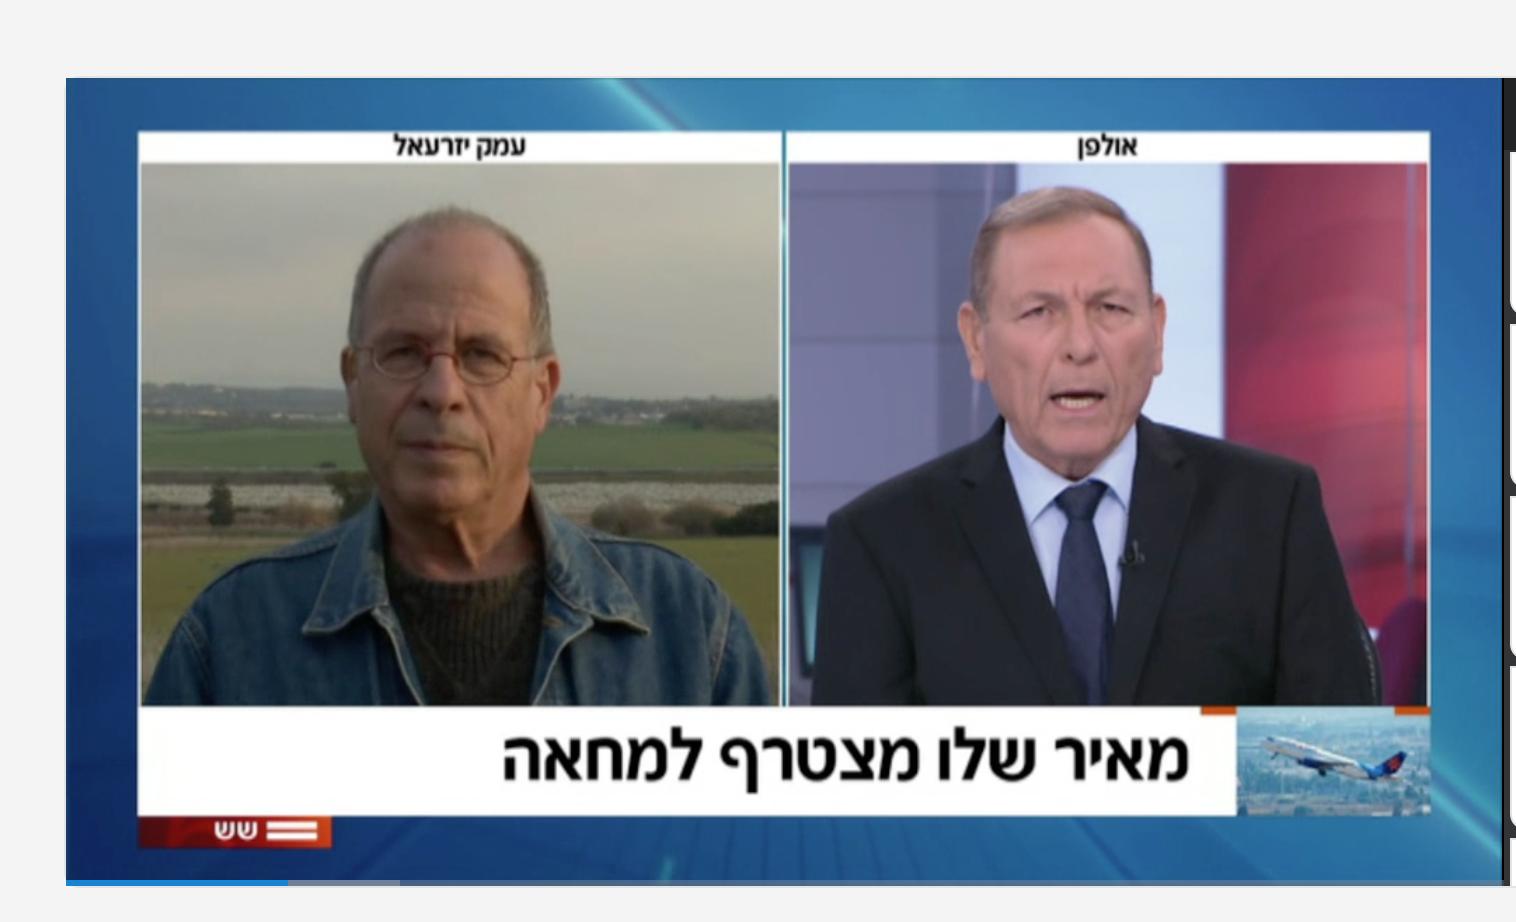 מאיר שלו מצטרף למאבק נגד הקמת שדה תעופה בעמק יזרעאל – חדשות עודד בן עמי